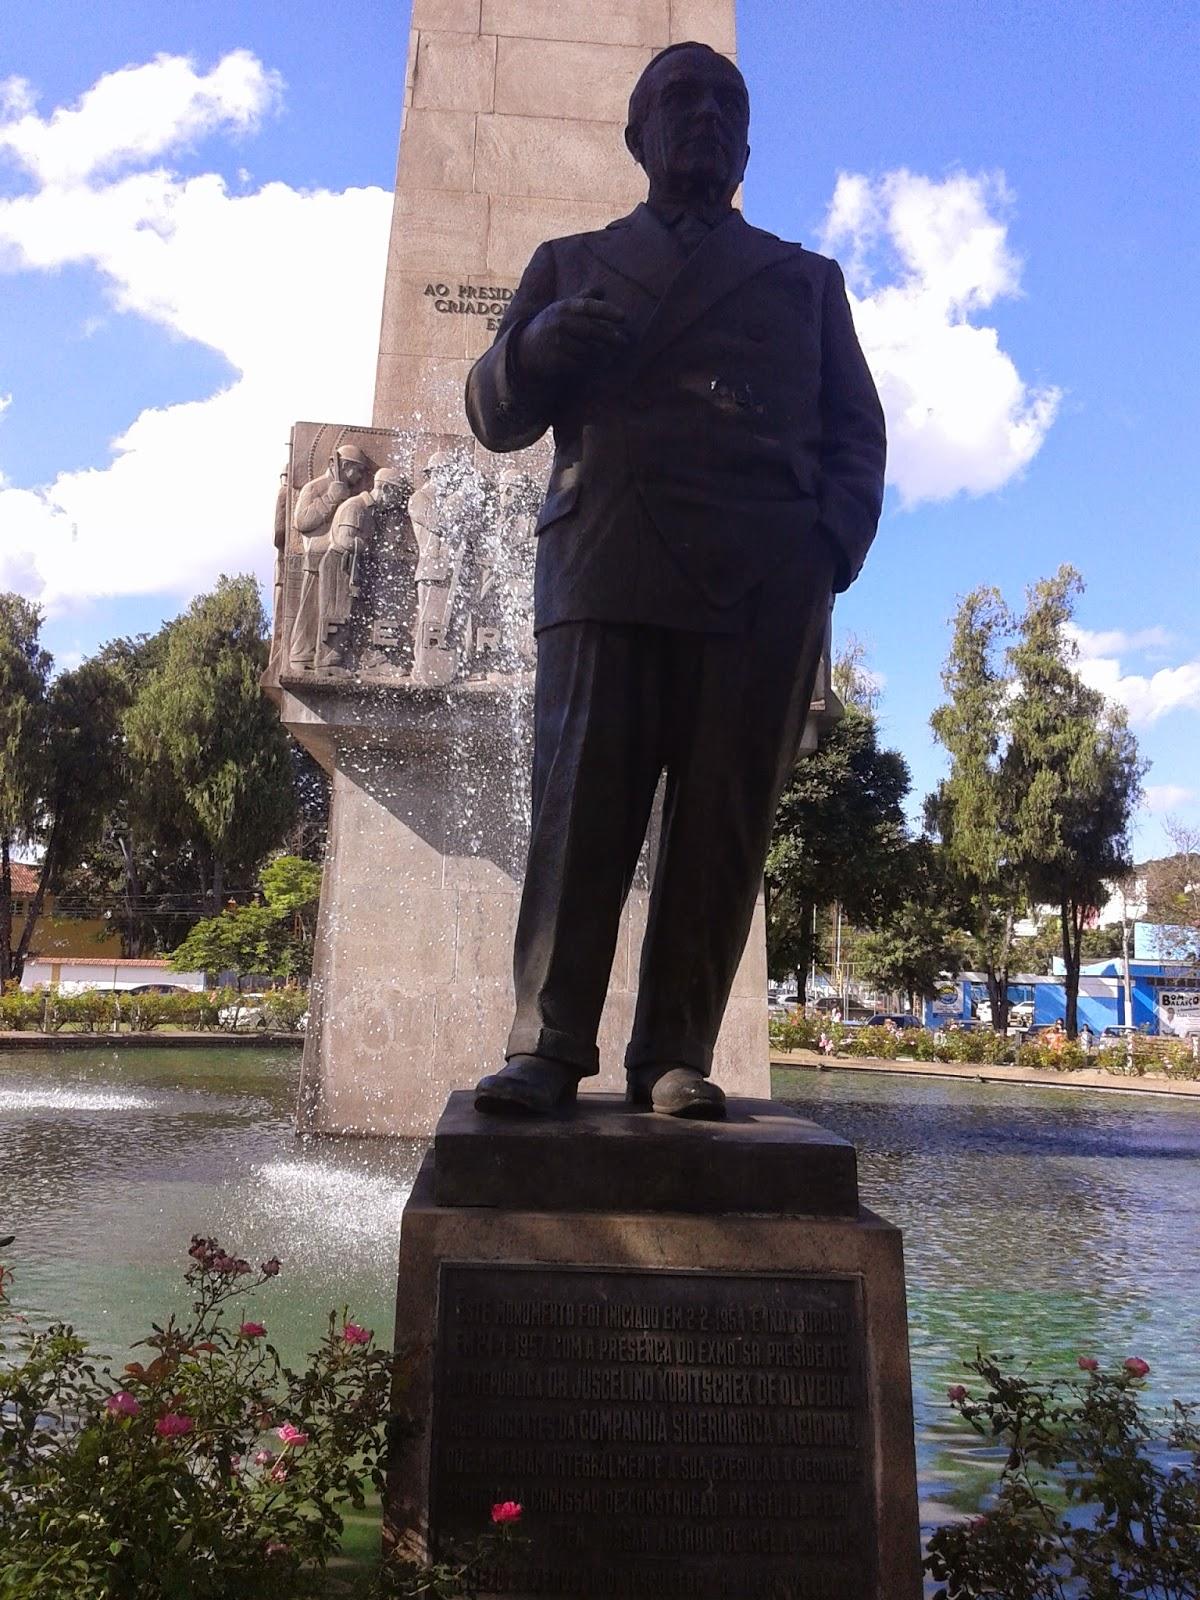 Monumento em homenagem ao ex-presidente Getúlio Vargas